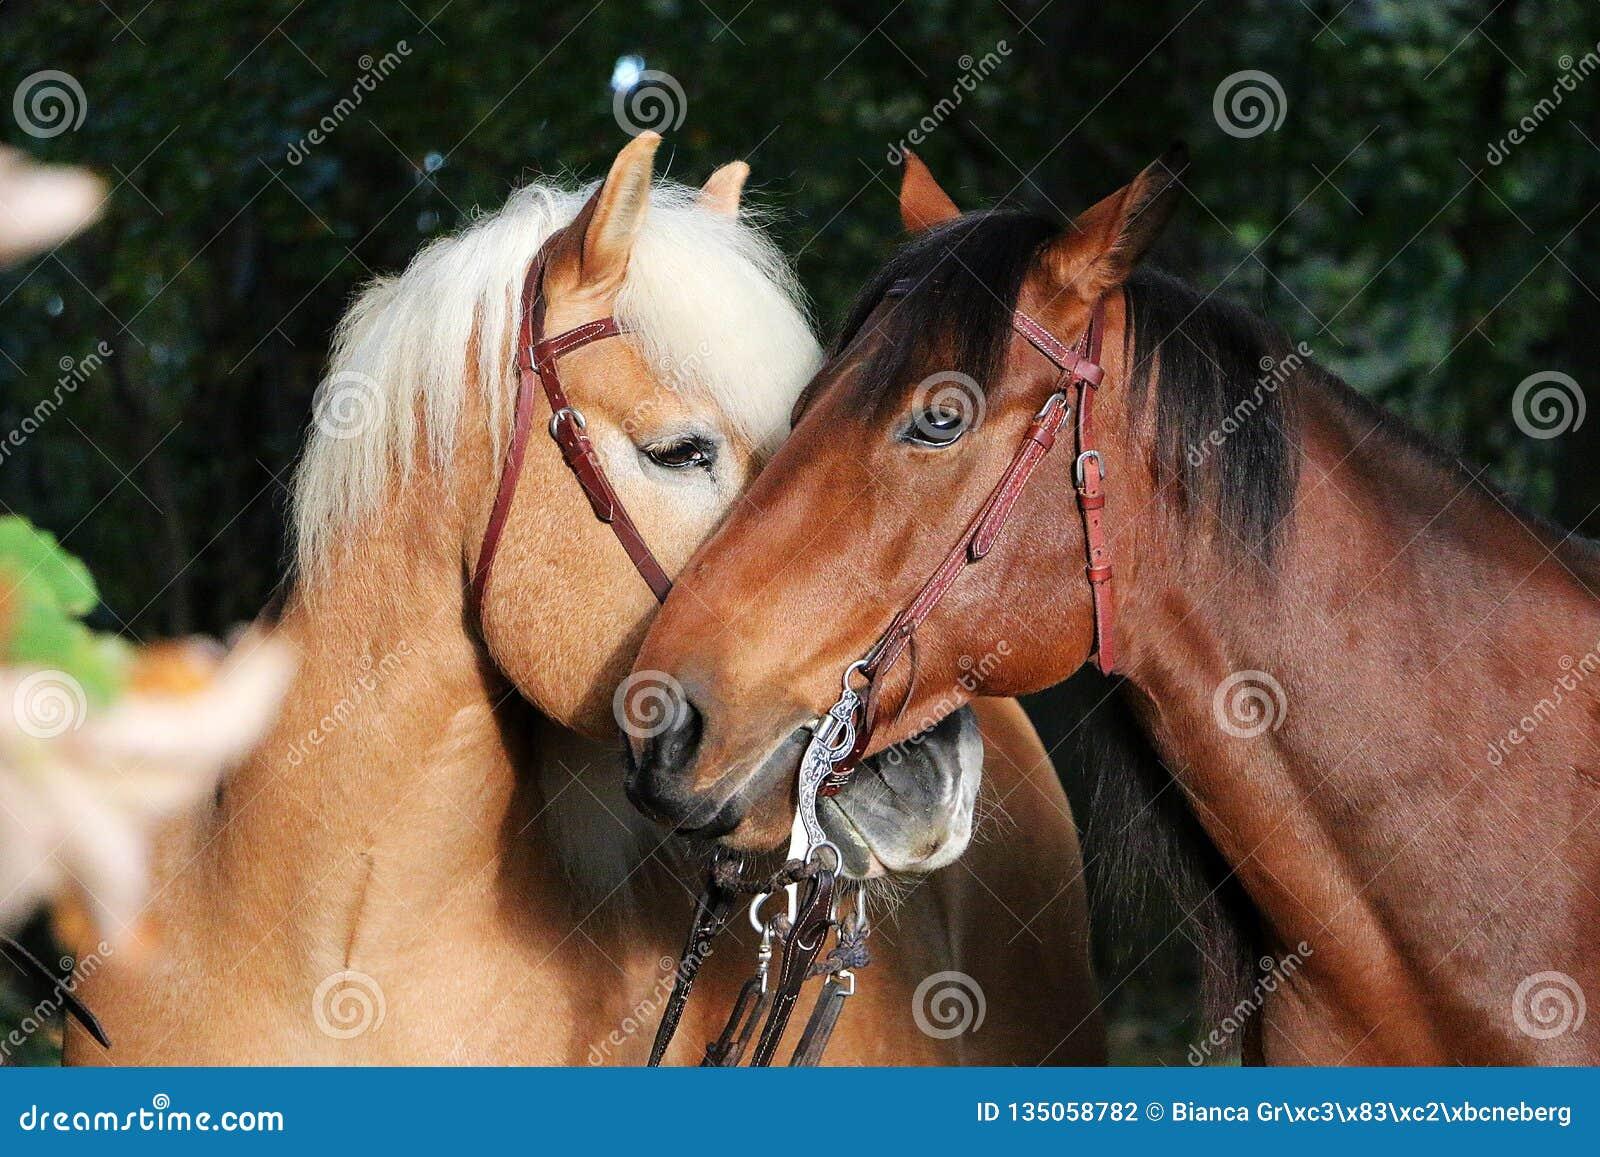 Lovely cuddling horses